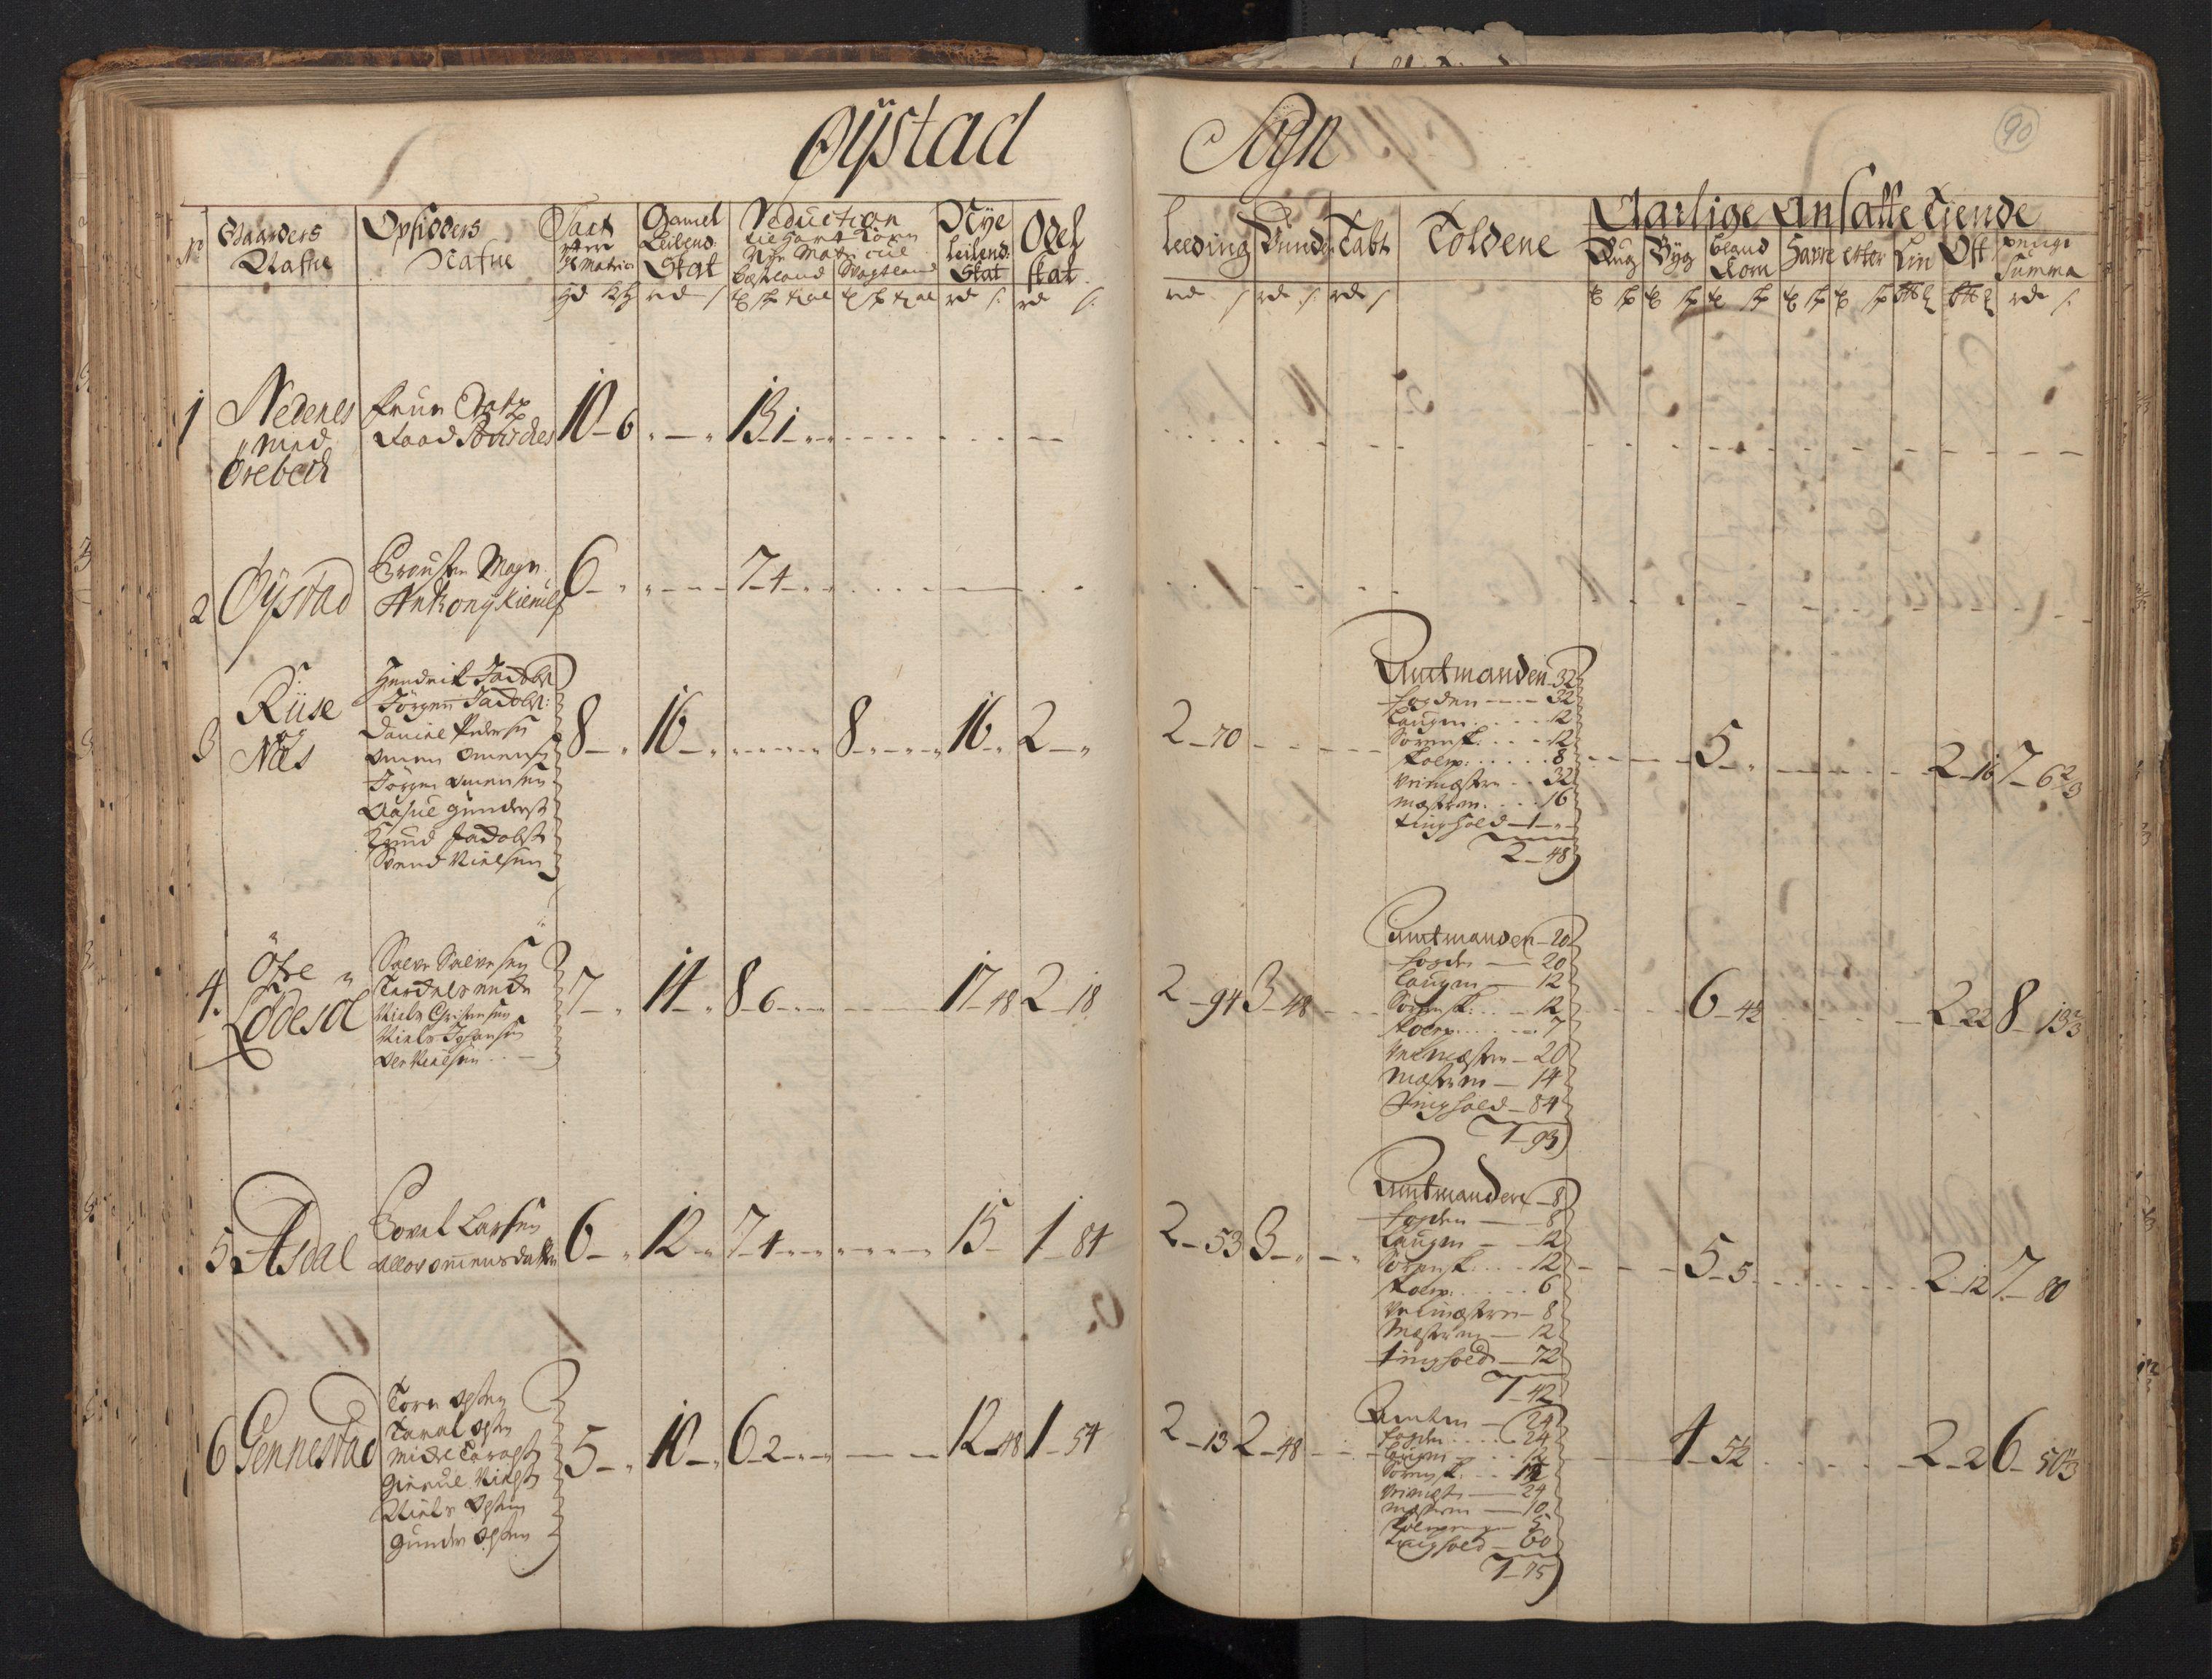 RA, Rentekammeret inntil 1814, Realistisk ordnet avdeling, N/Nb/Nbf/L0123: Nedenes matrikkelprotokoll, 1723, s. 89b-90a